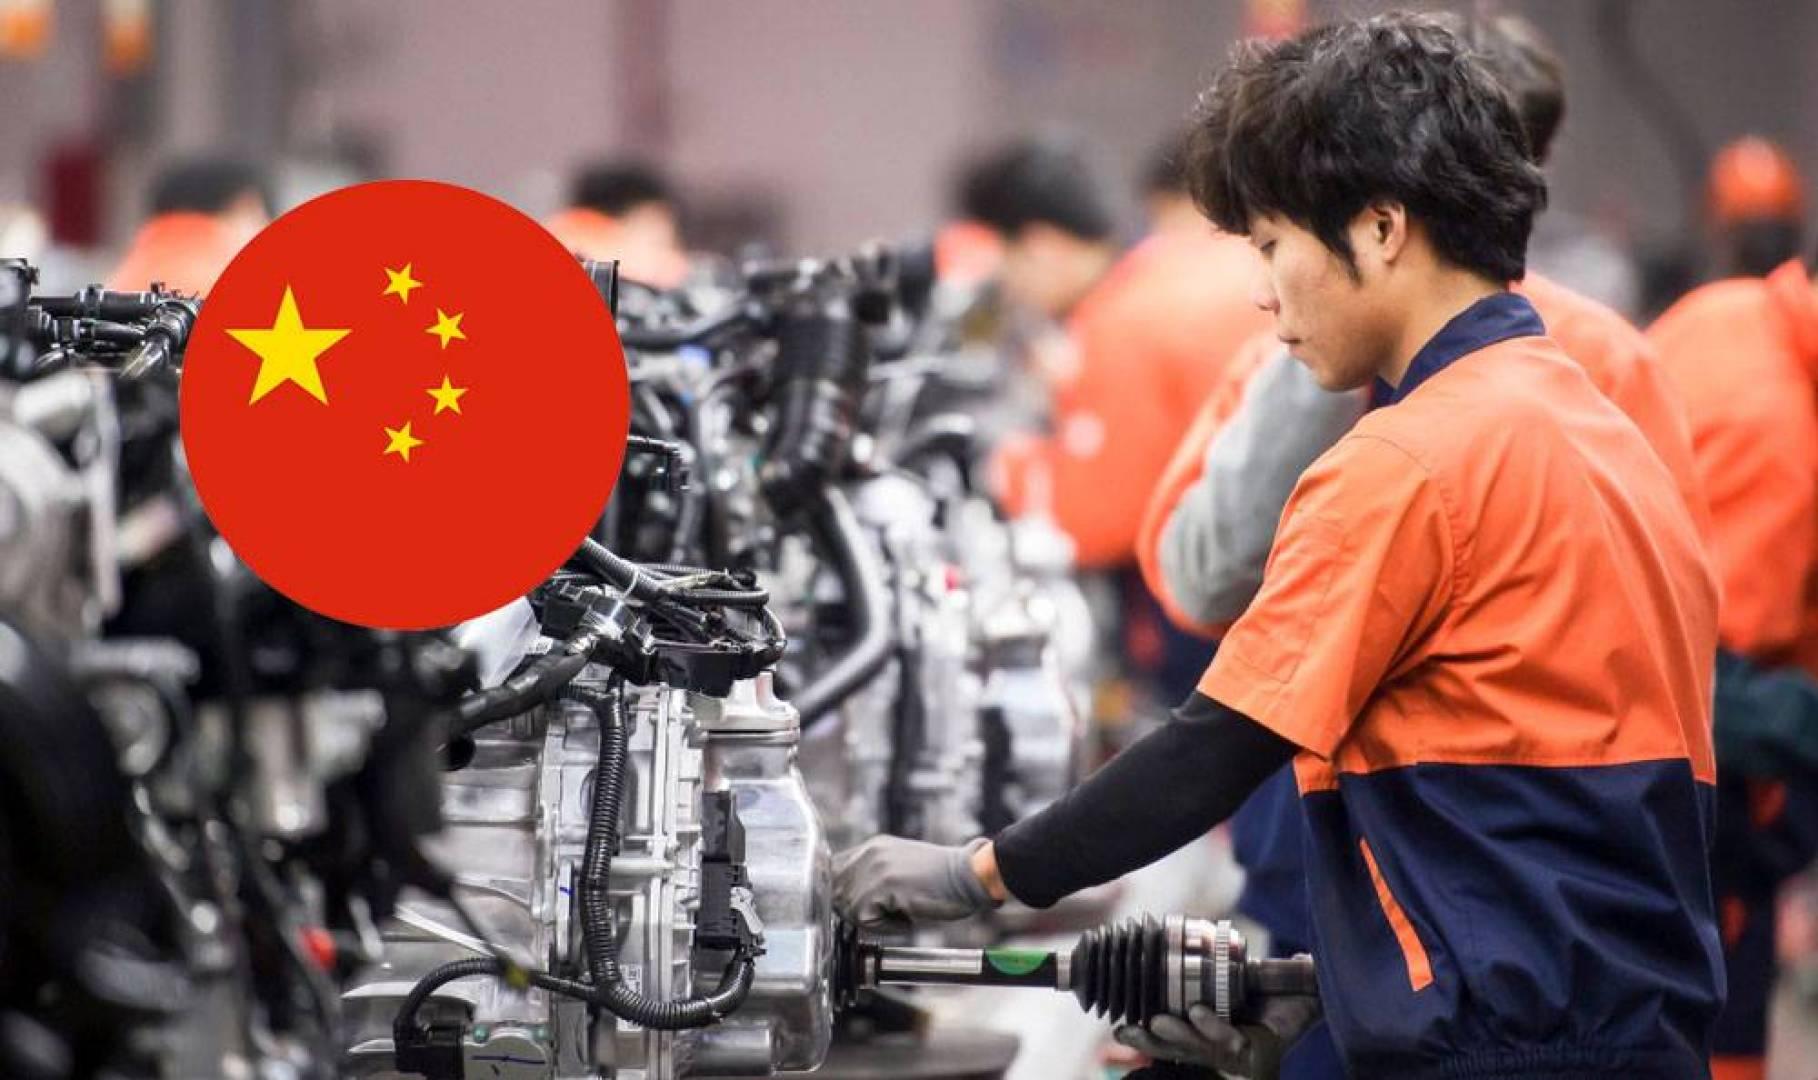 أنشطة المصانع في الصين تنمو بوتيرة أقوى في يونيو